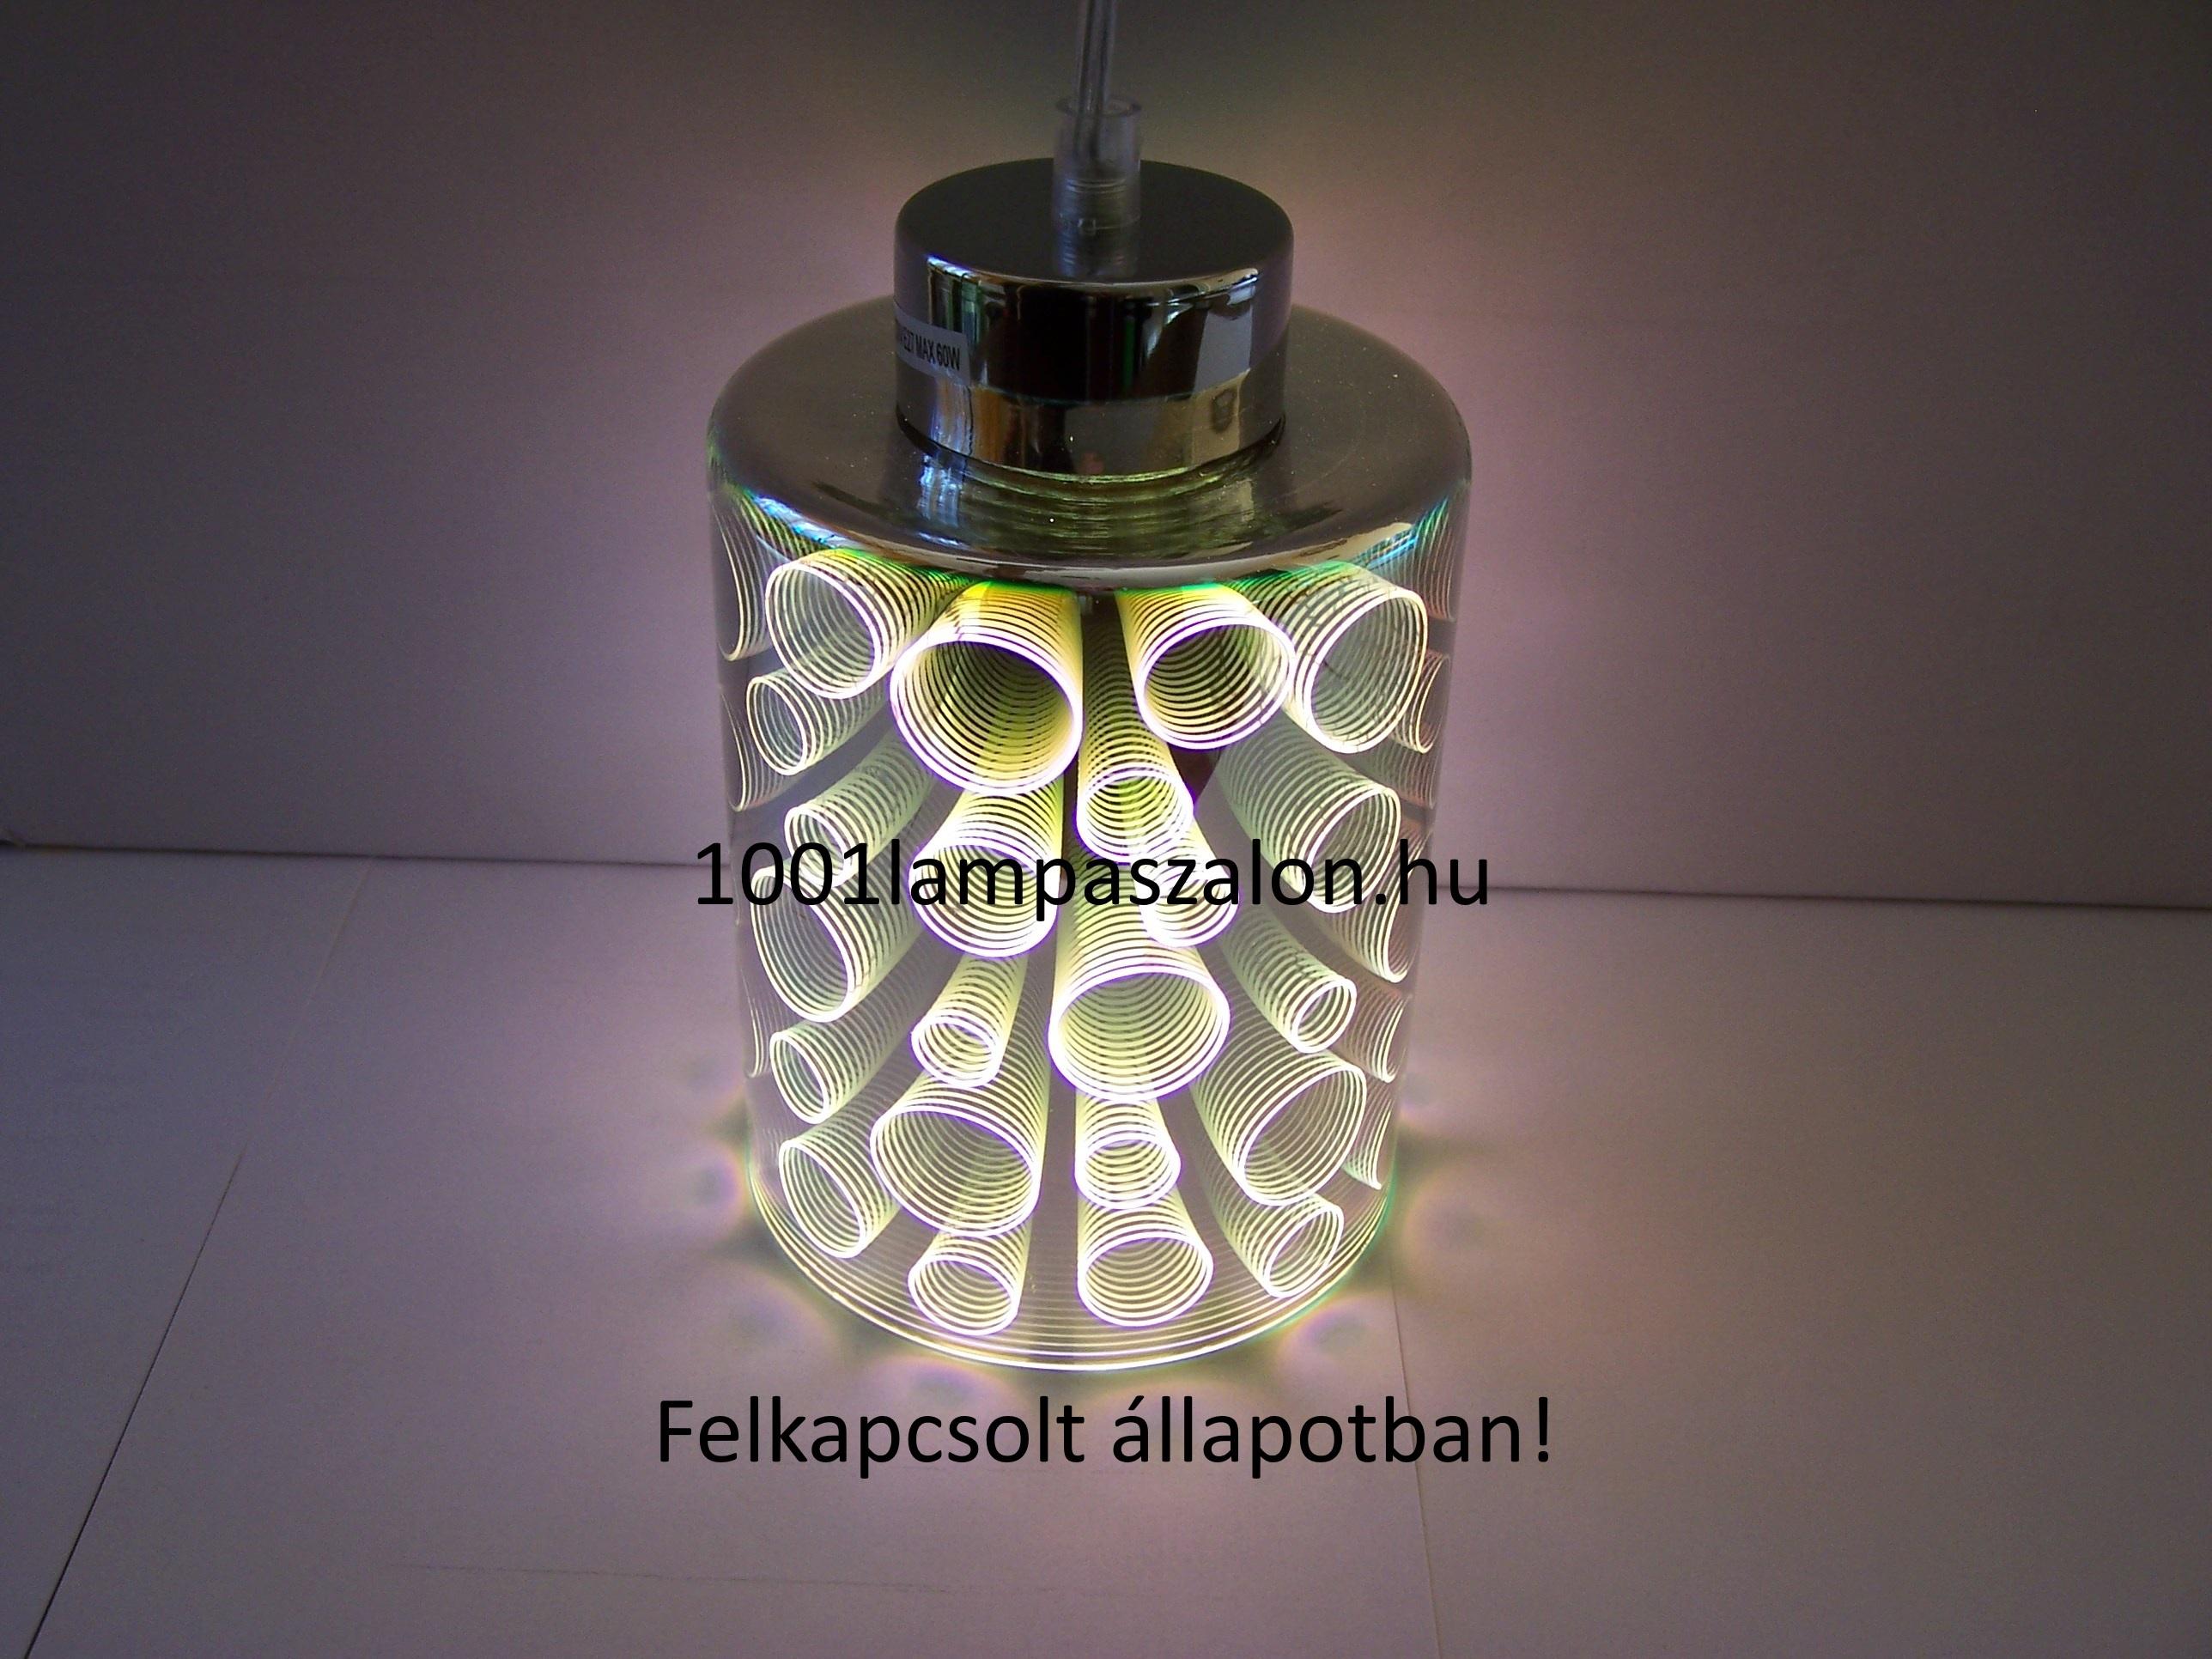 Candellux 31-57686 Nocturno 1 izzós lámpa függeszték / Candellux lámpák /